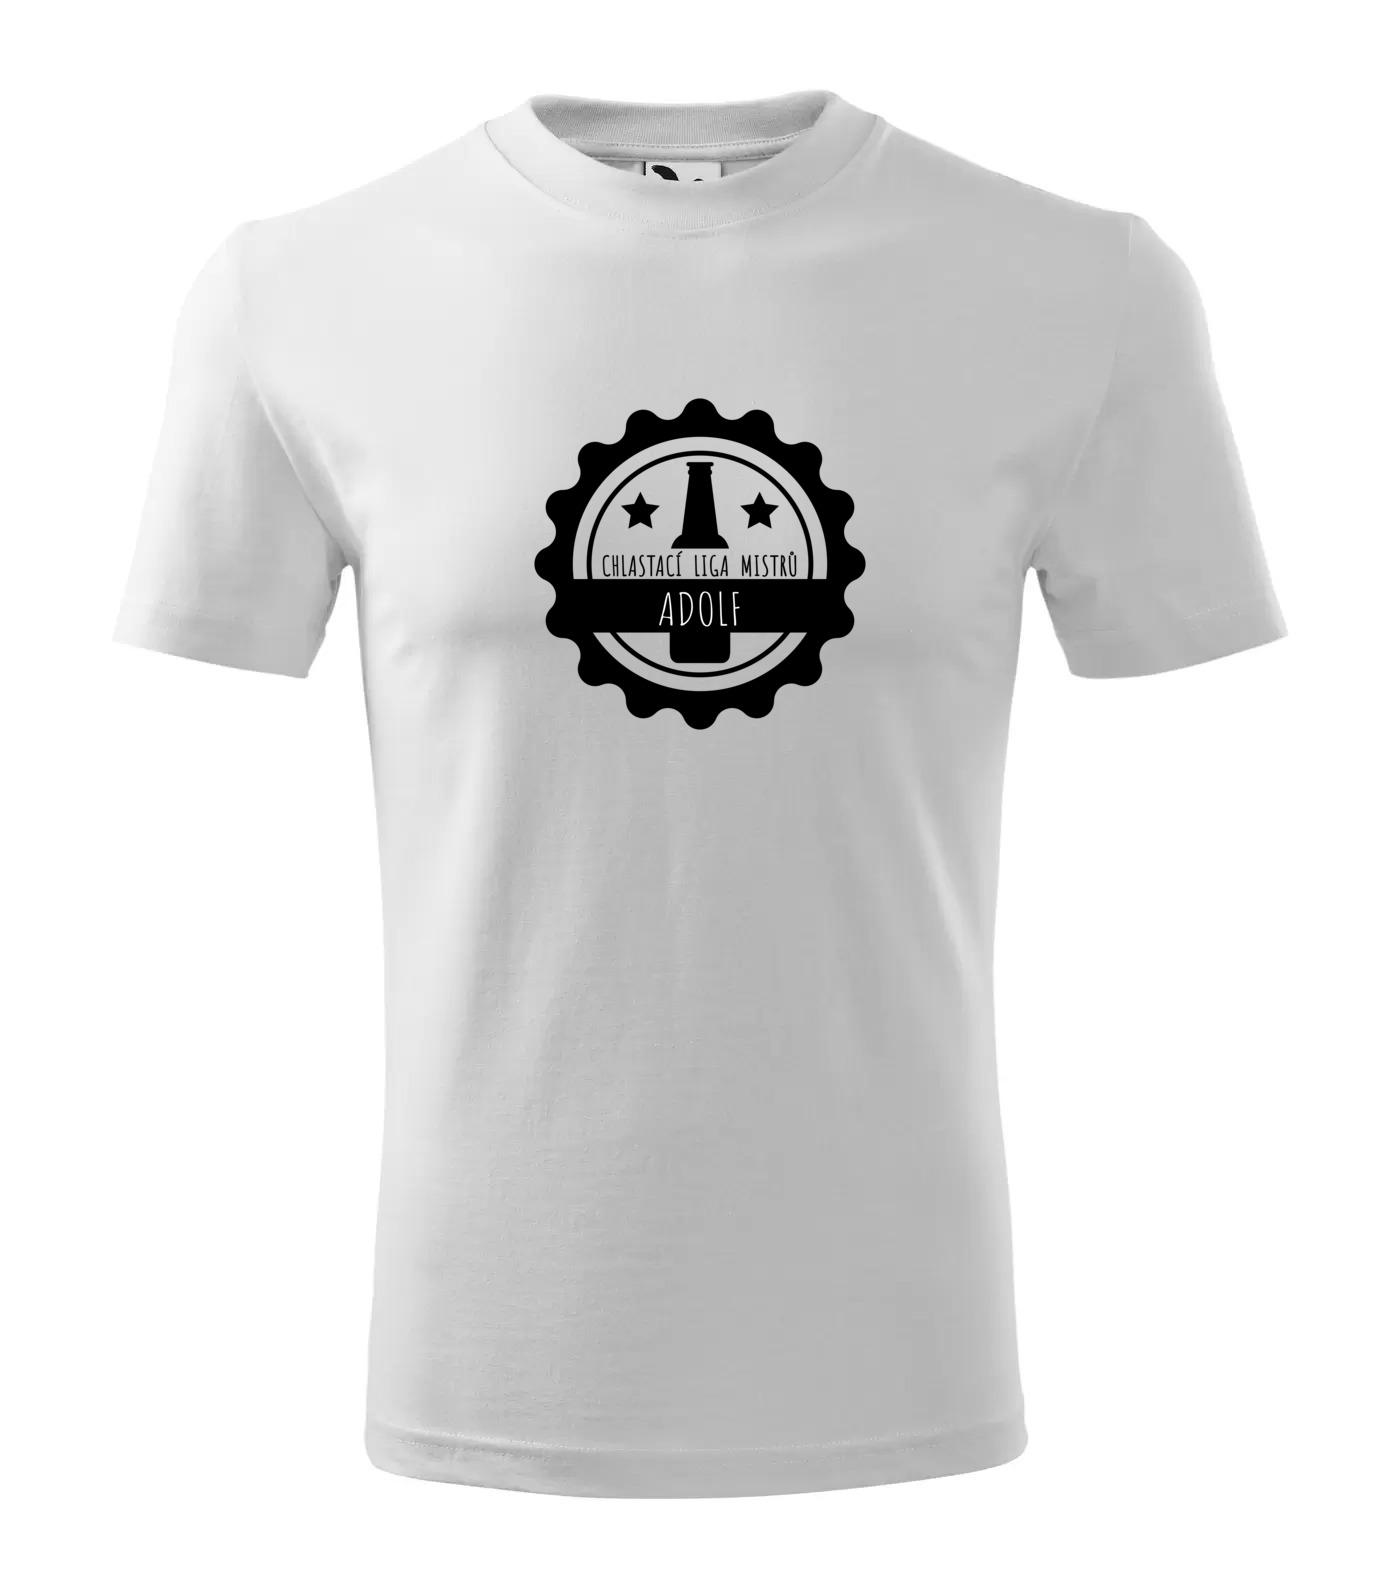 Tričko Chlastací liga mužů Adolf